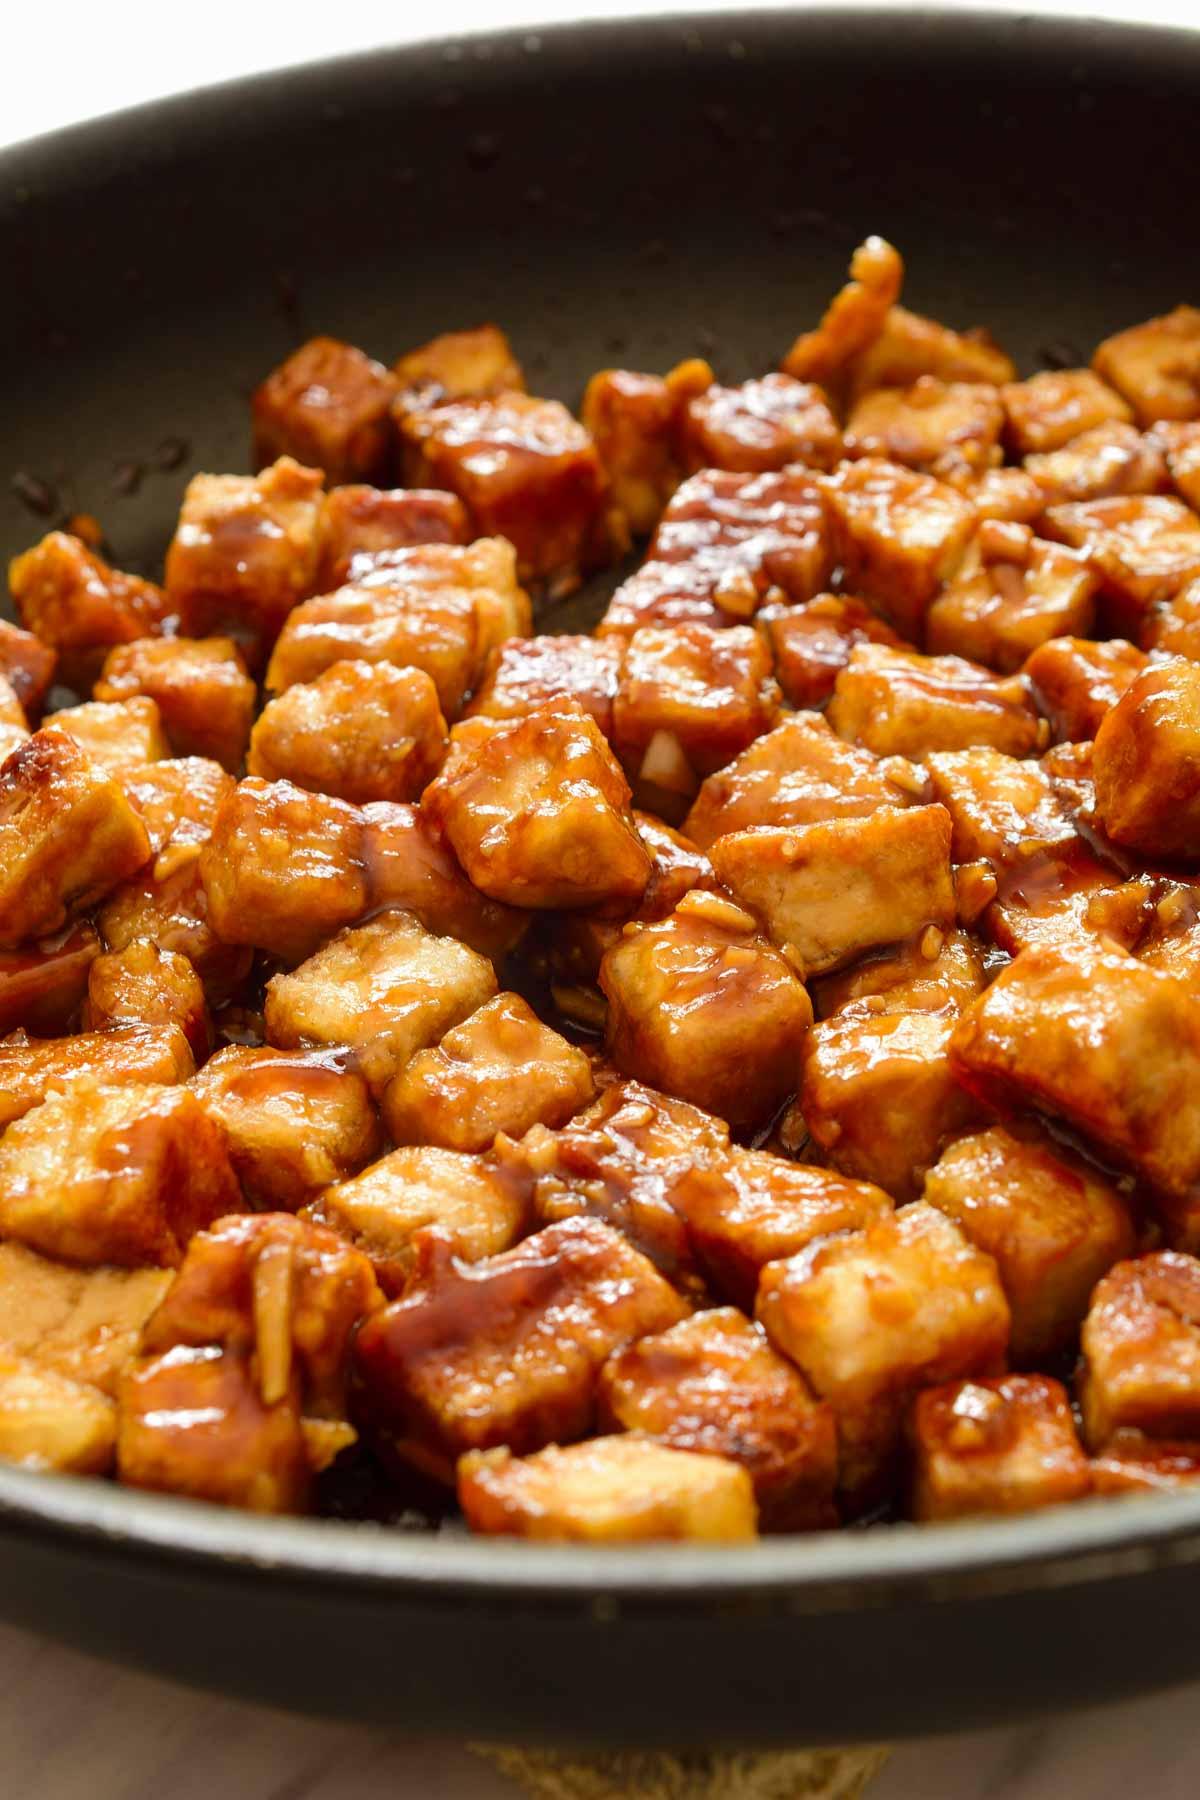 A pan full of teriyaki tofu.